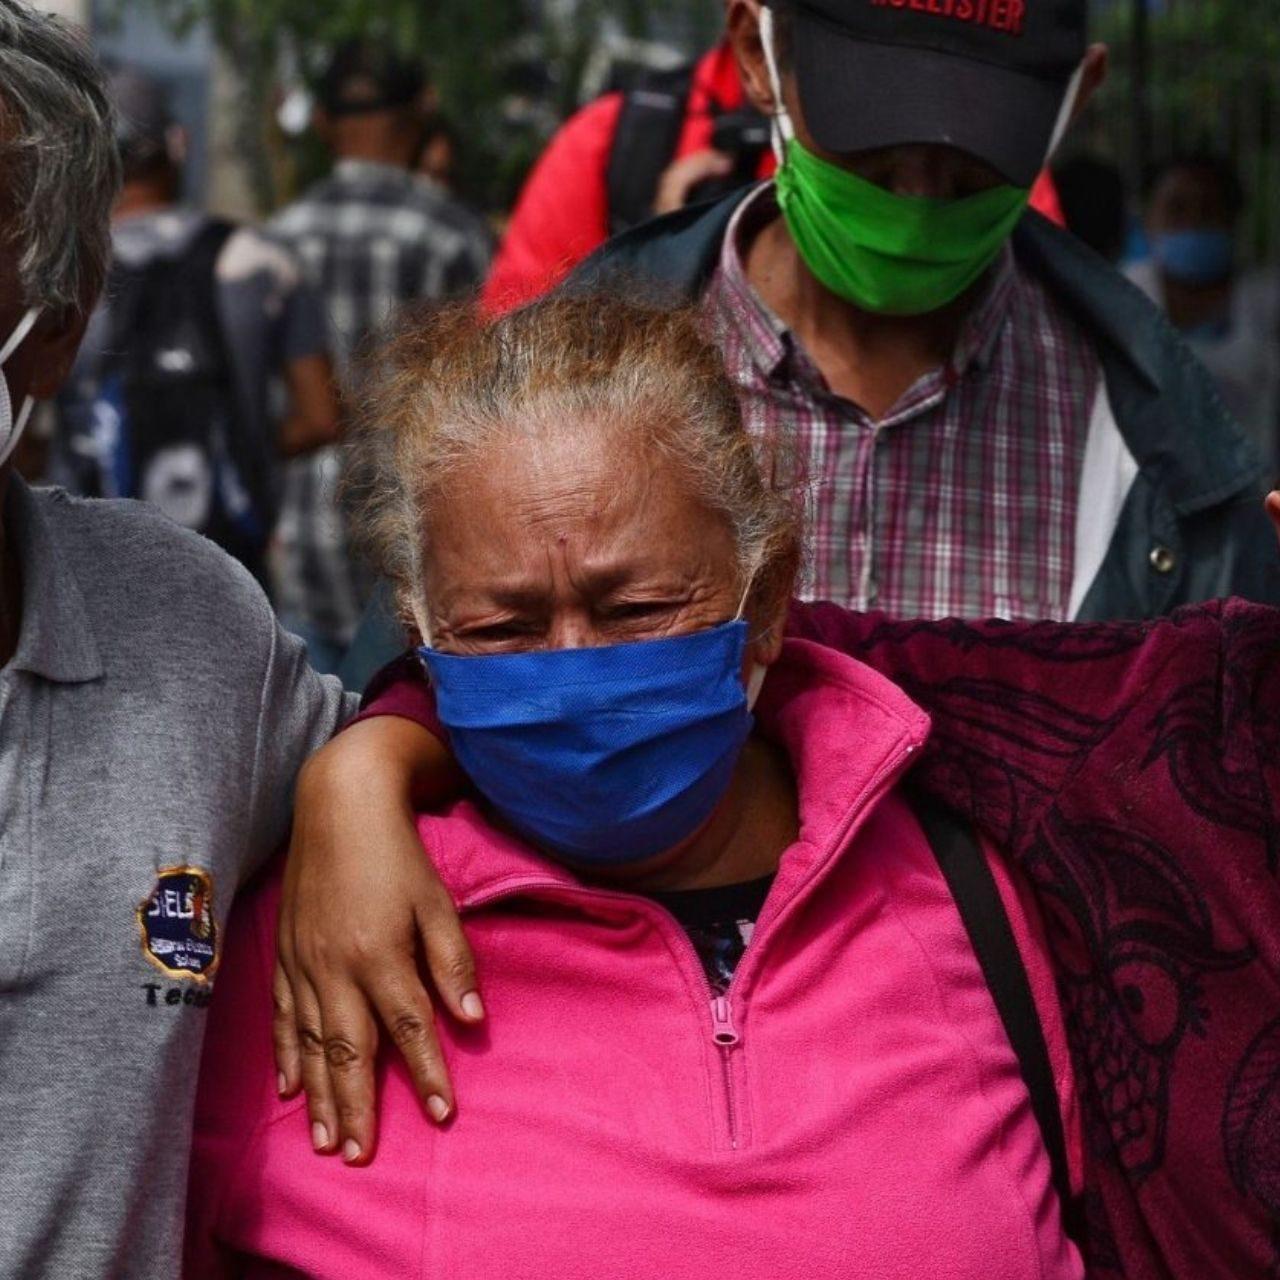 Alta corrupción e improvisación en manejo de la pandemia percibe ciudadanía, según estudio